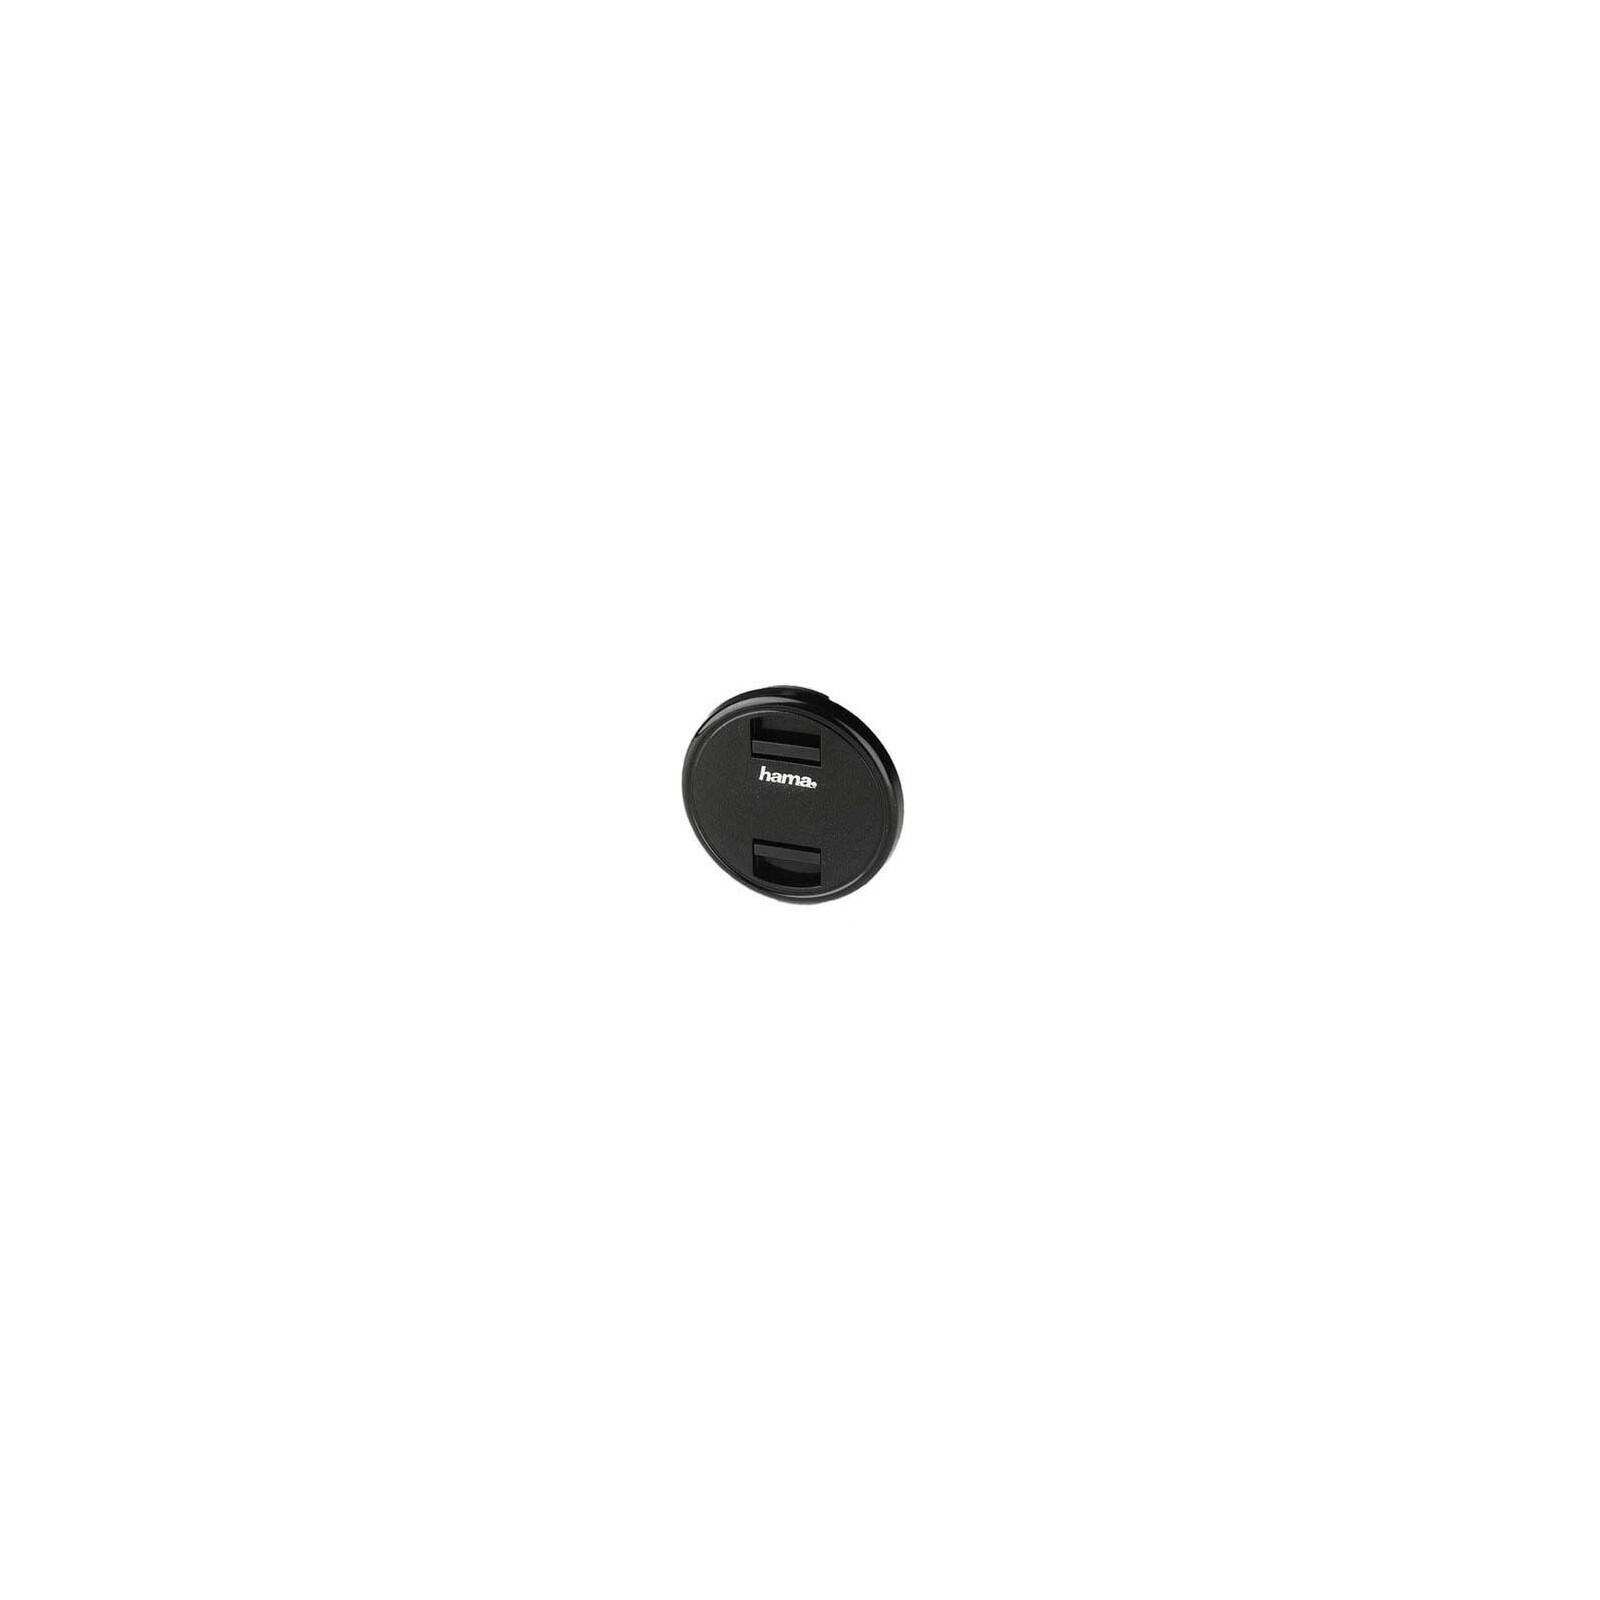 Hama 94458 Snap Deckel 58mm